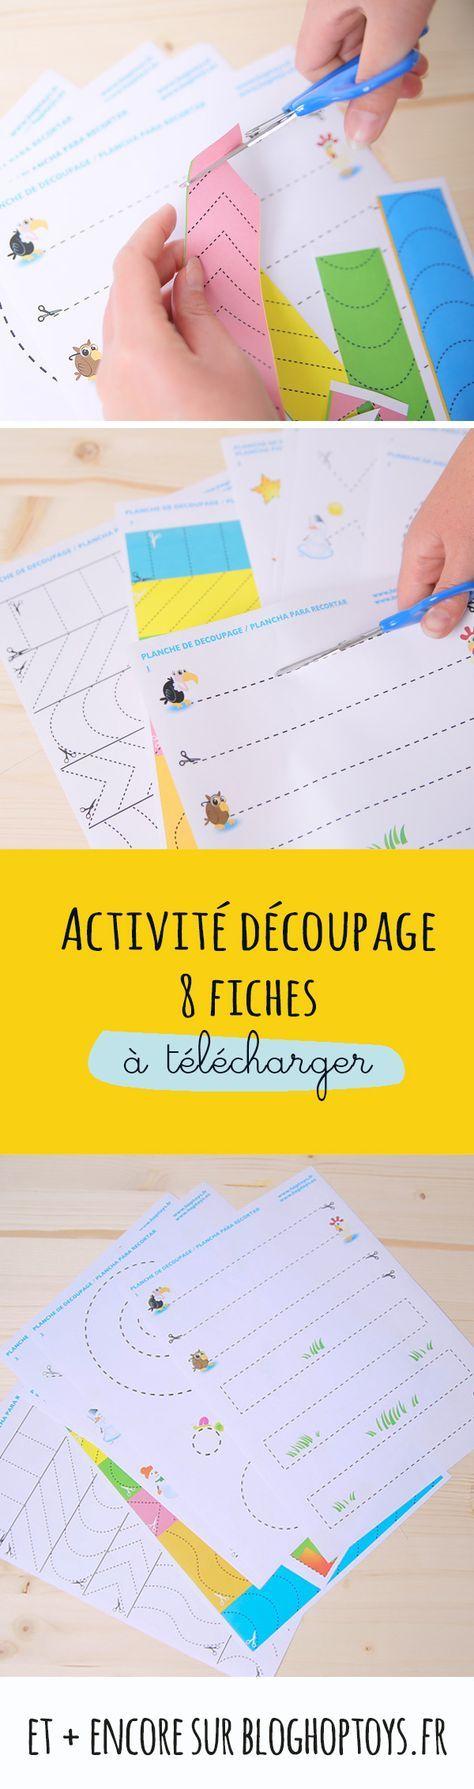 Activité Découpage : 8 Fiches À Télécharger | Découpage pour Activité Ludique Maternelle